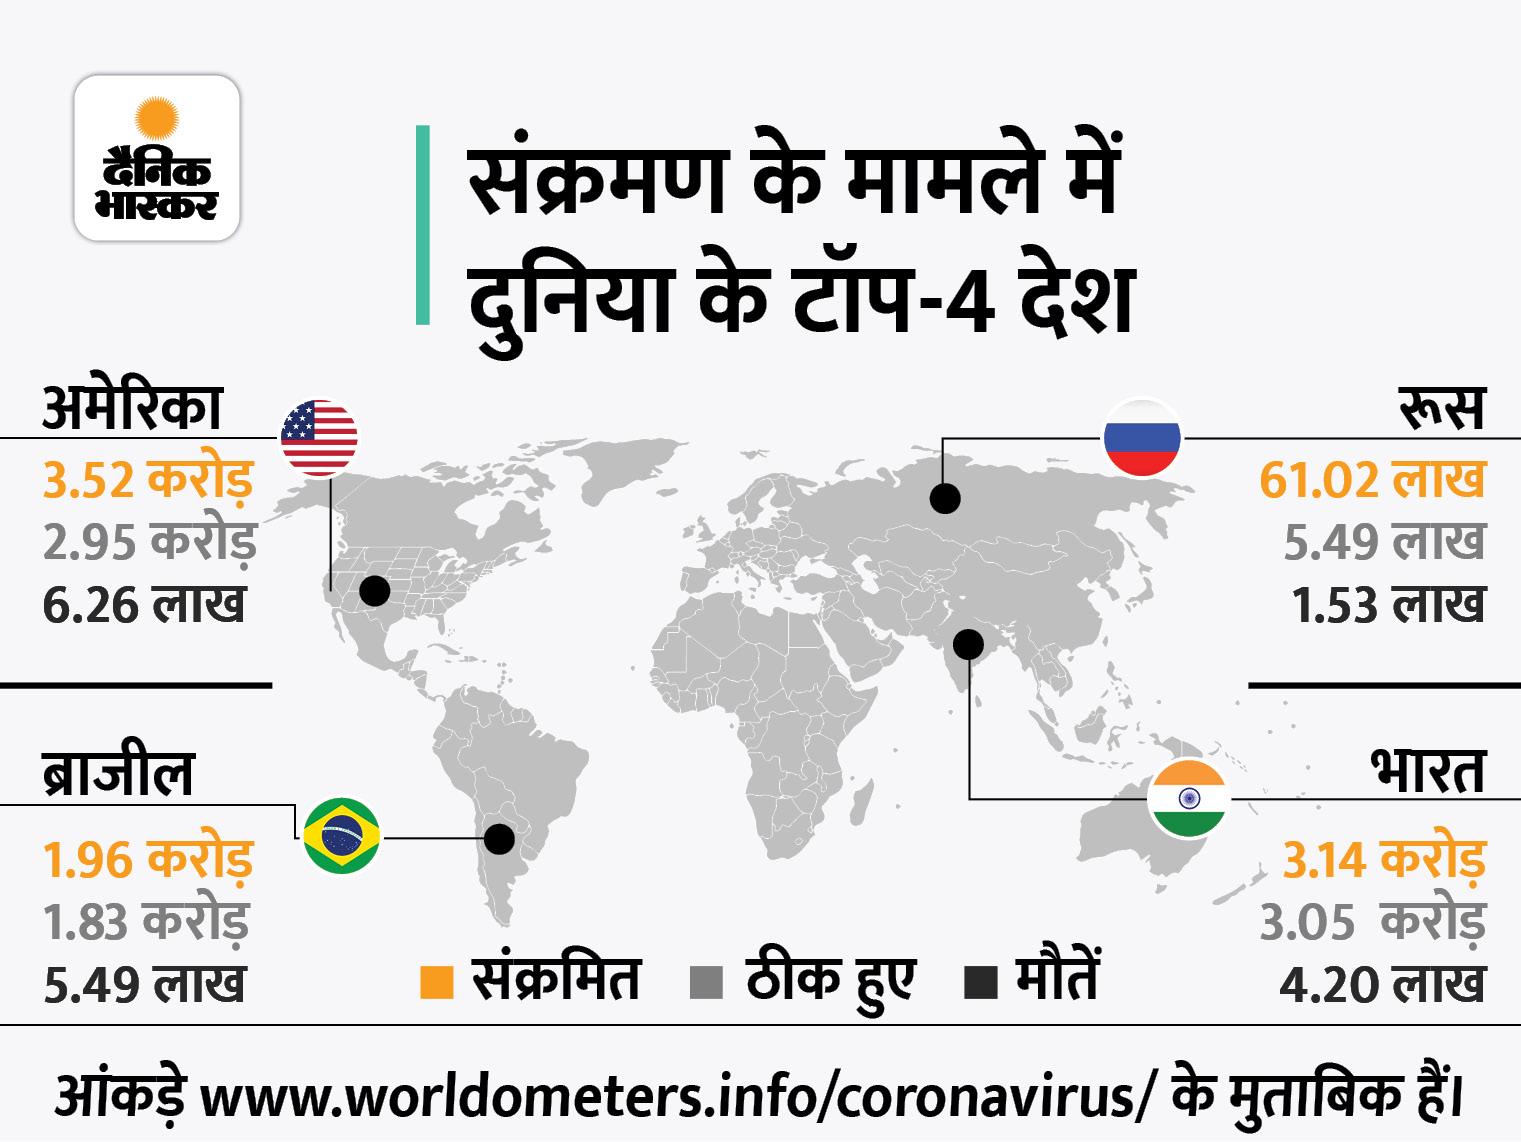 ब्रिटेन में संक्रमण से एक दिन में 131 लोगों की मौत, ये 17 मार्च के बाद सबसे ज्यादा विदेश,International - Dainik Bhaskar